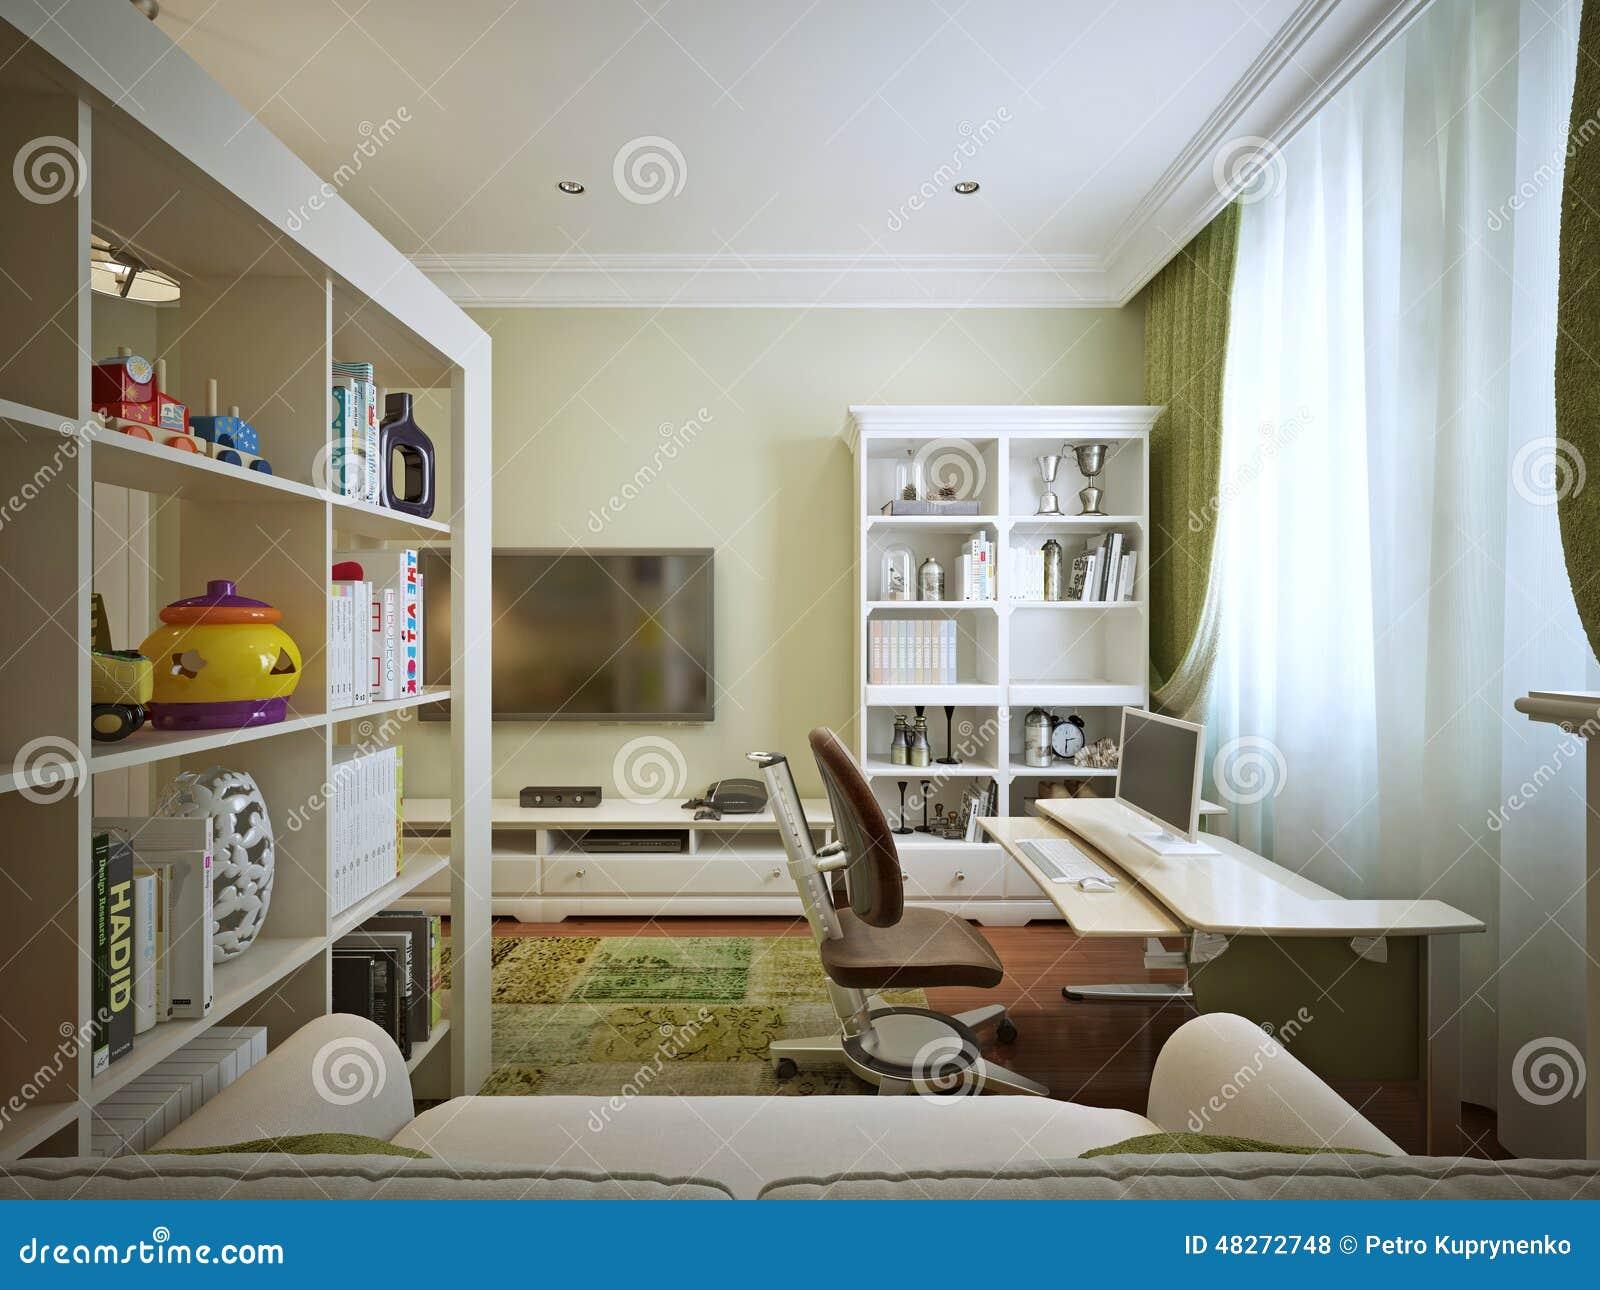 Children S Room For Boy Modern Style Stock Illustration